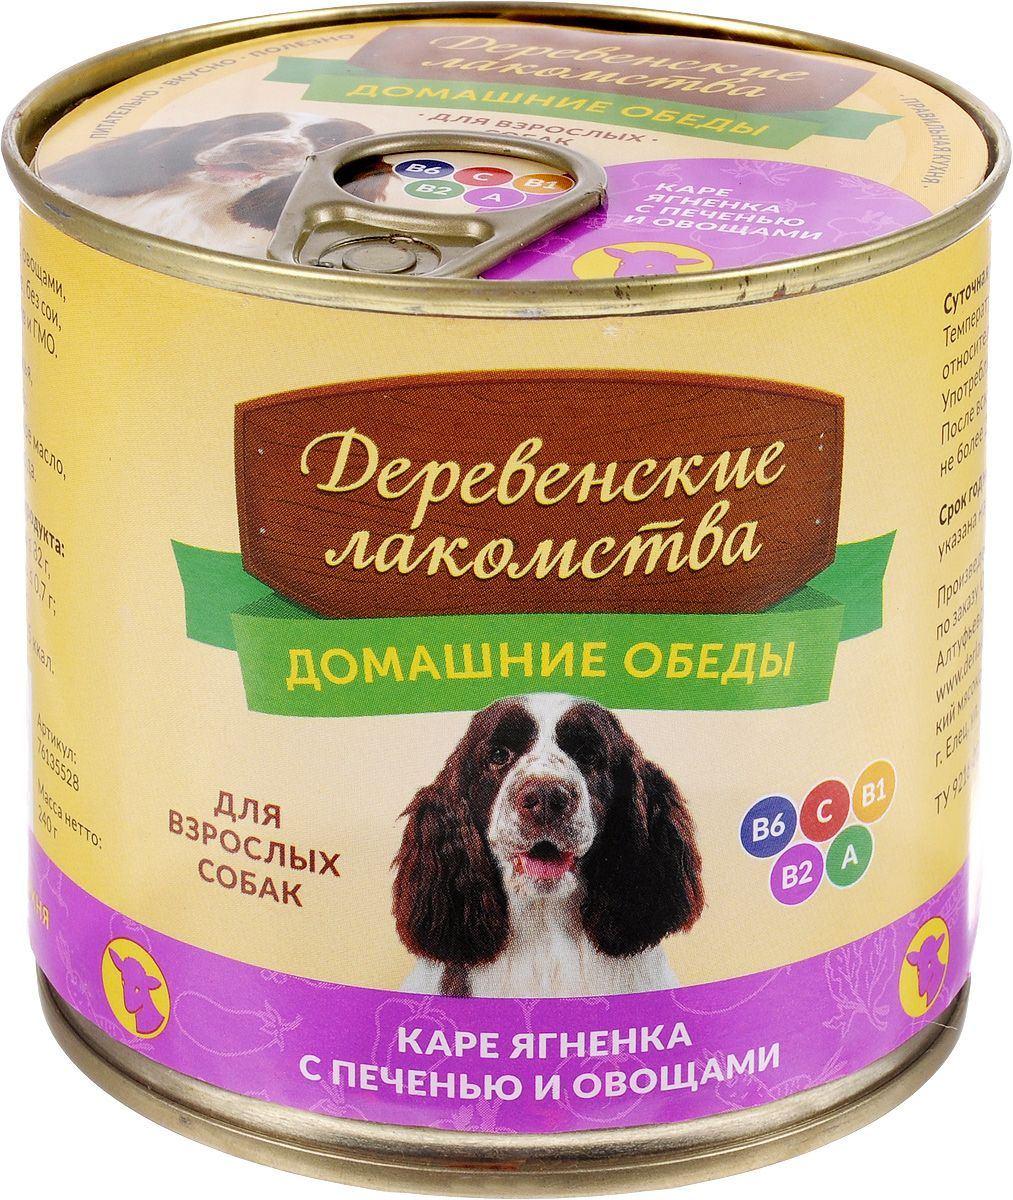 Деревенские лакомства влажный корм для взролсых собак, каре ягненка с печенью и овощами 240 гр